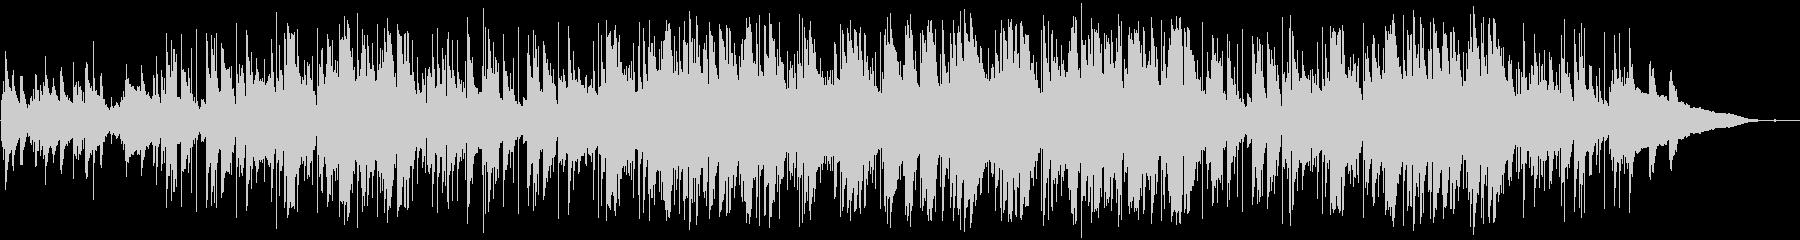 ほのぼのしたピアノとアコギのポップスの未再生の波形